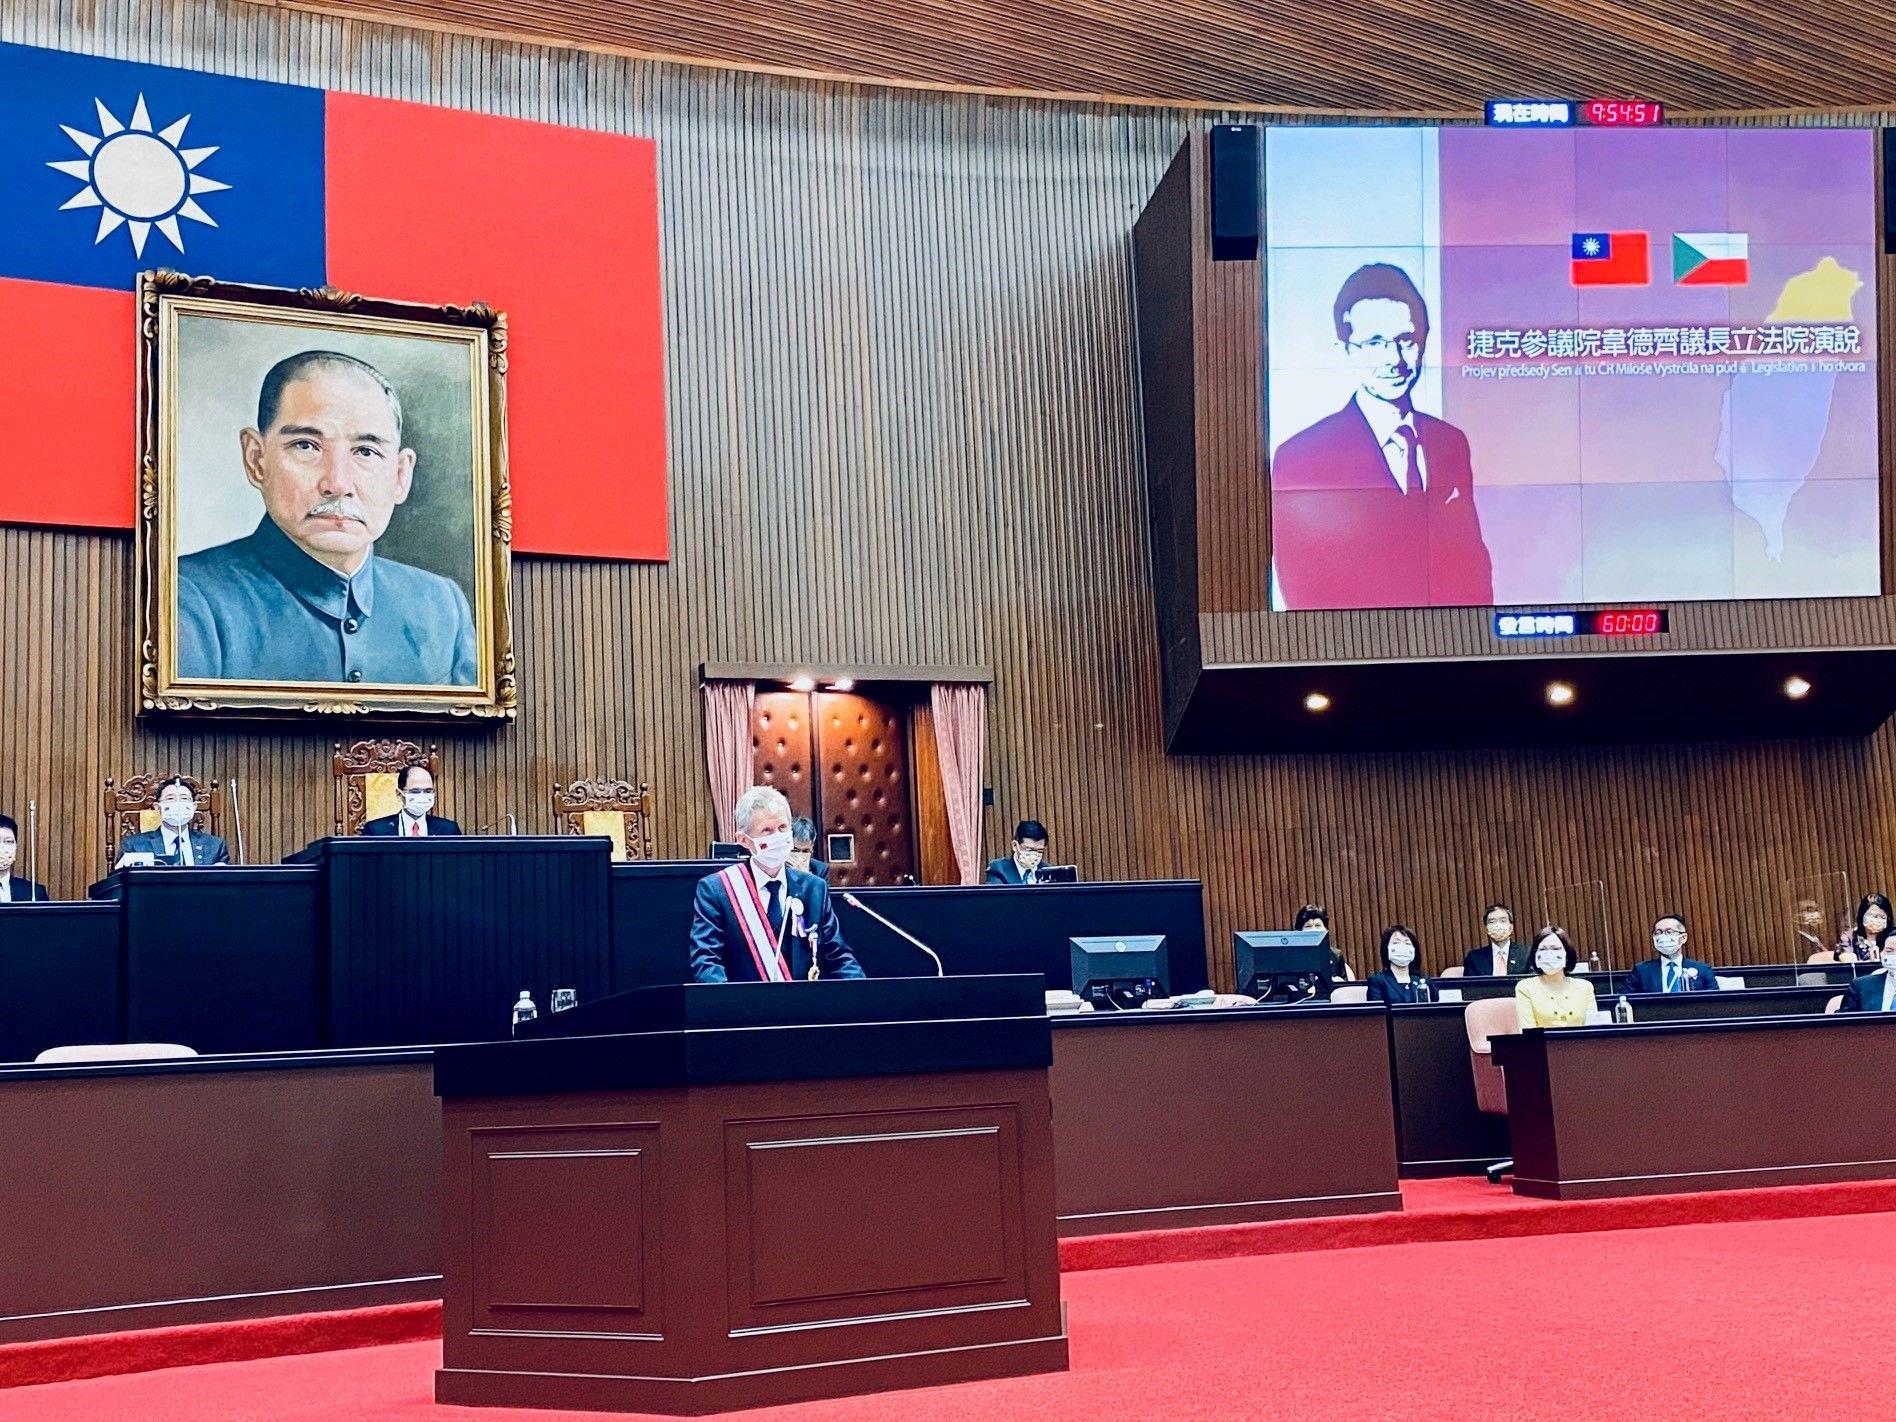 Projev před taiwanským Legislativním dvorem: Solidarita demokracií a obrana společných hodnot